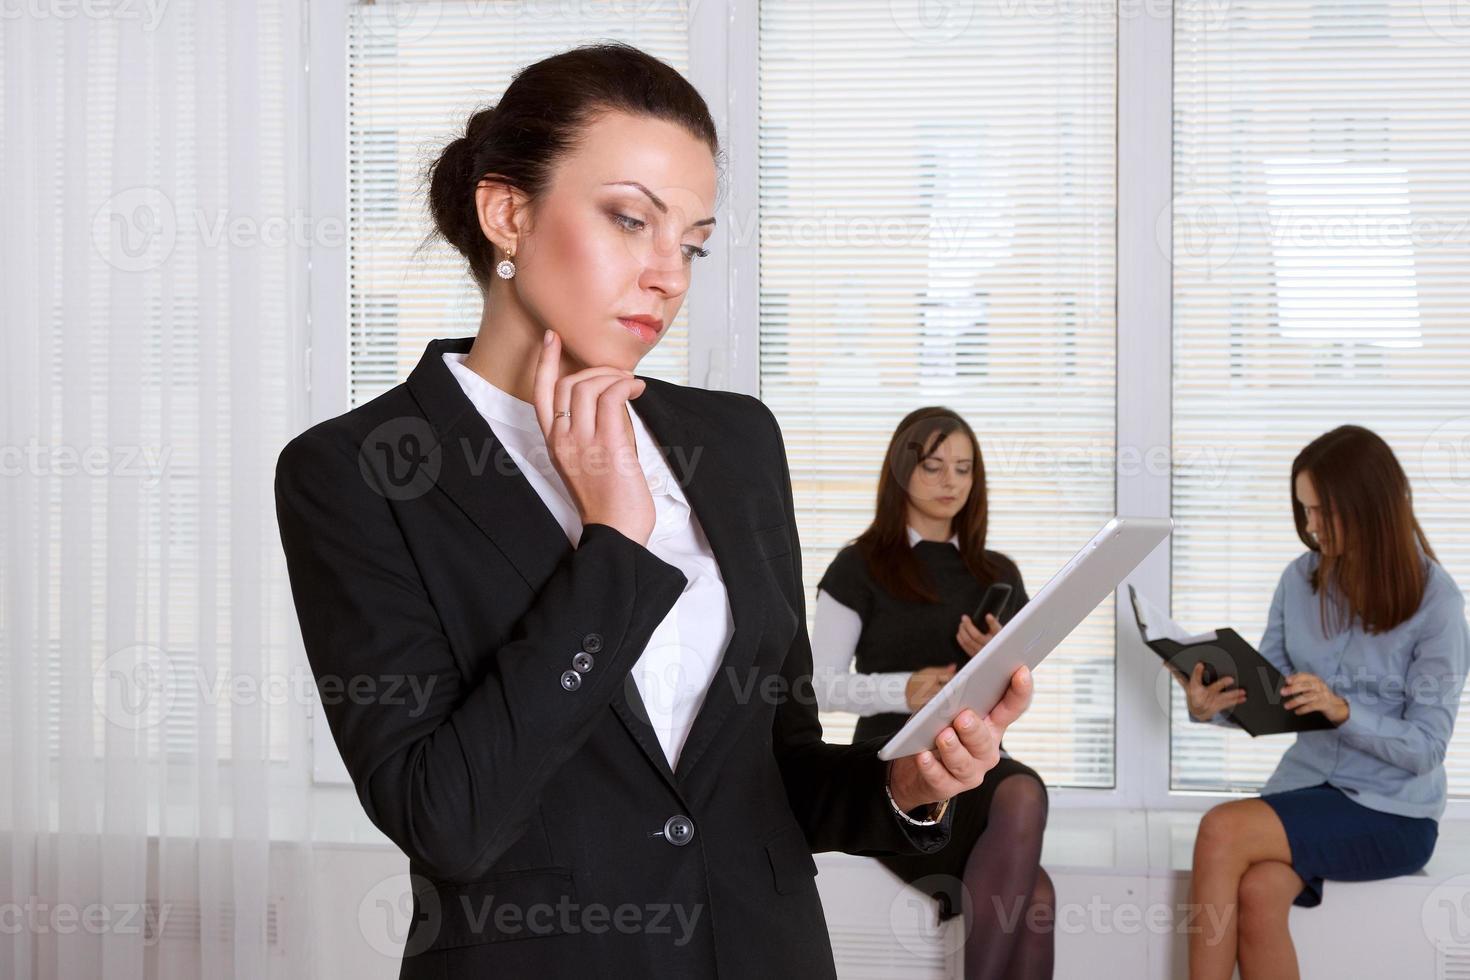 Une femme en tenue de soirée lit les informations de la photo